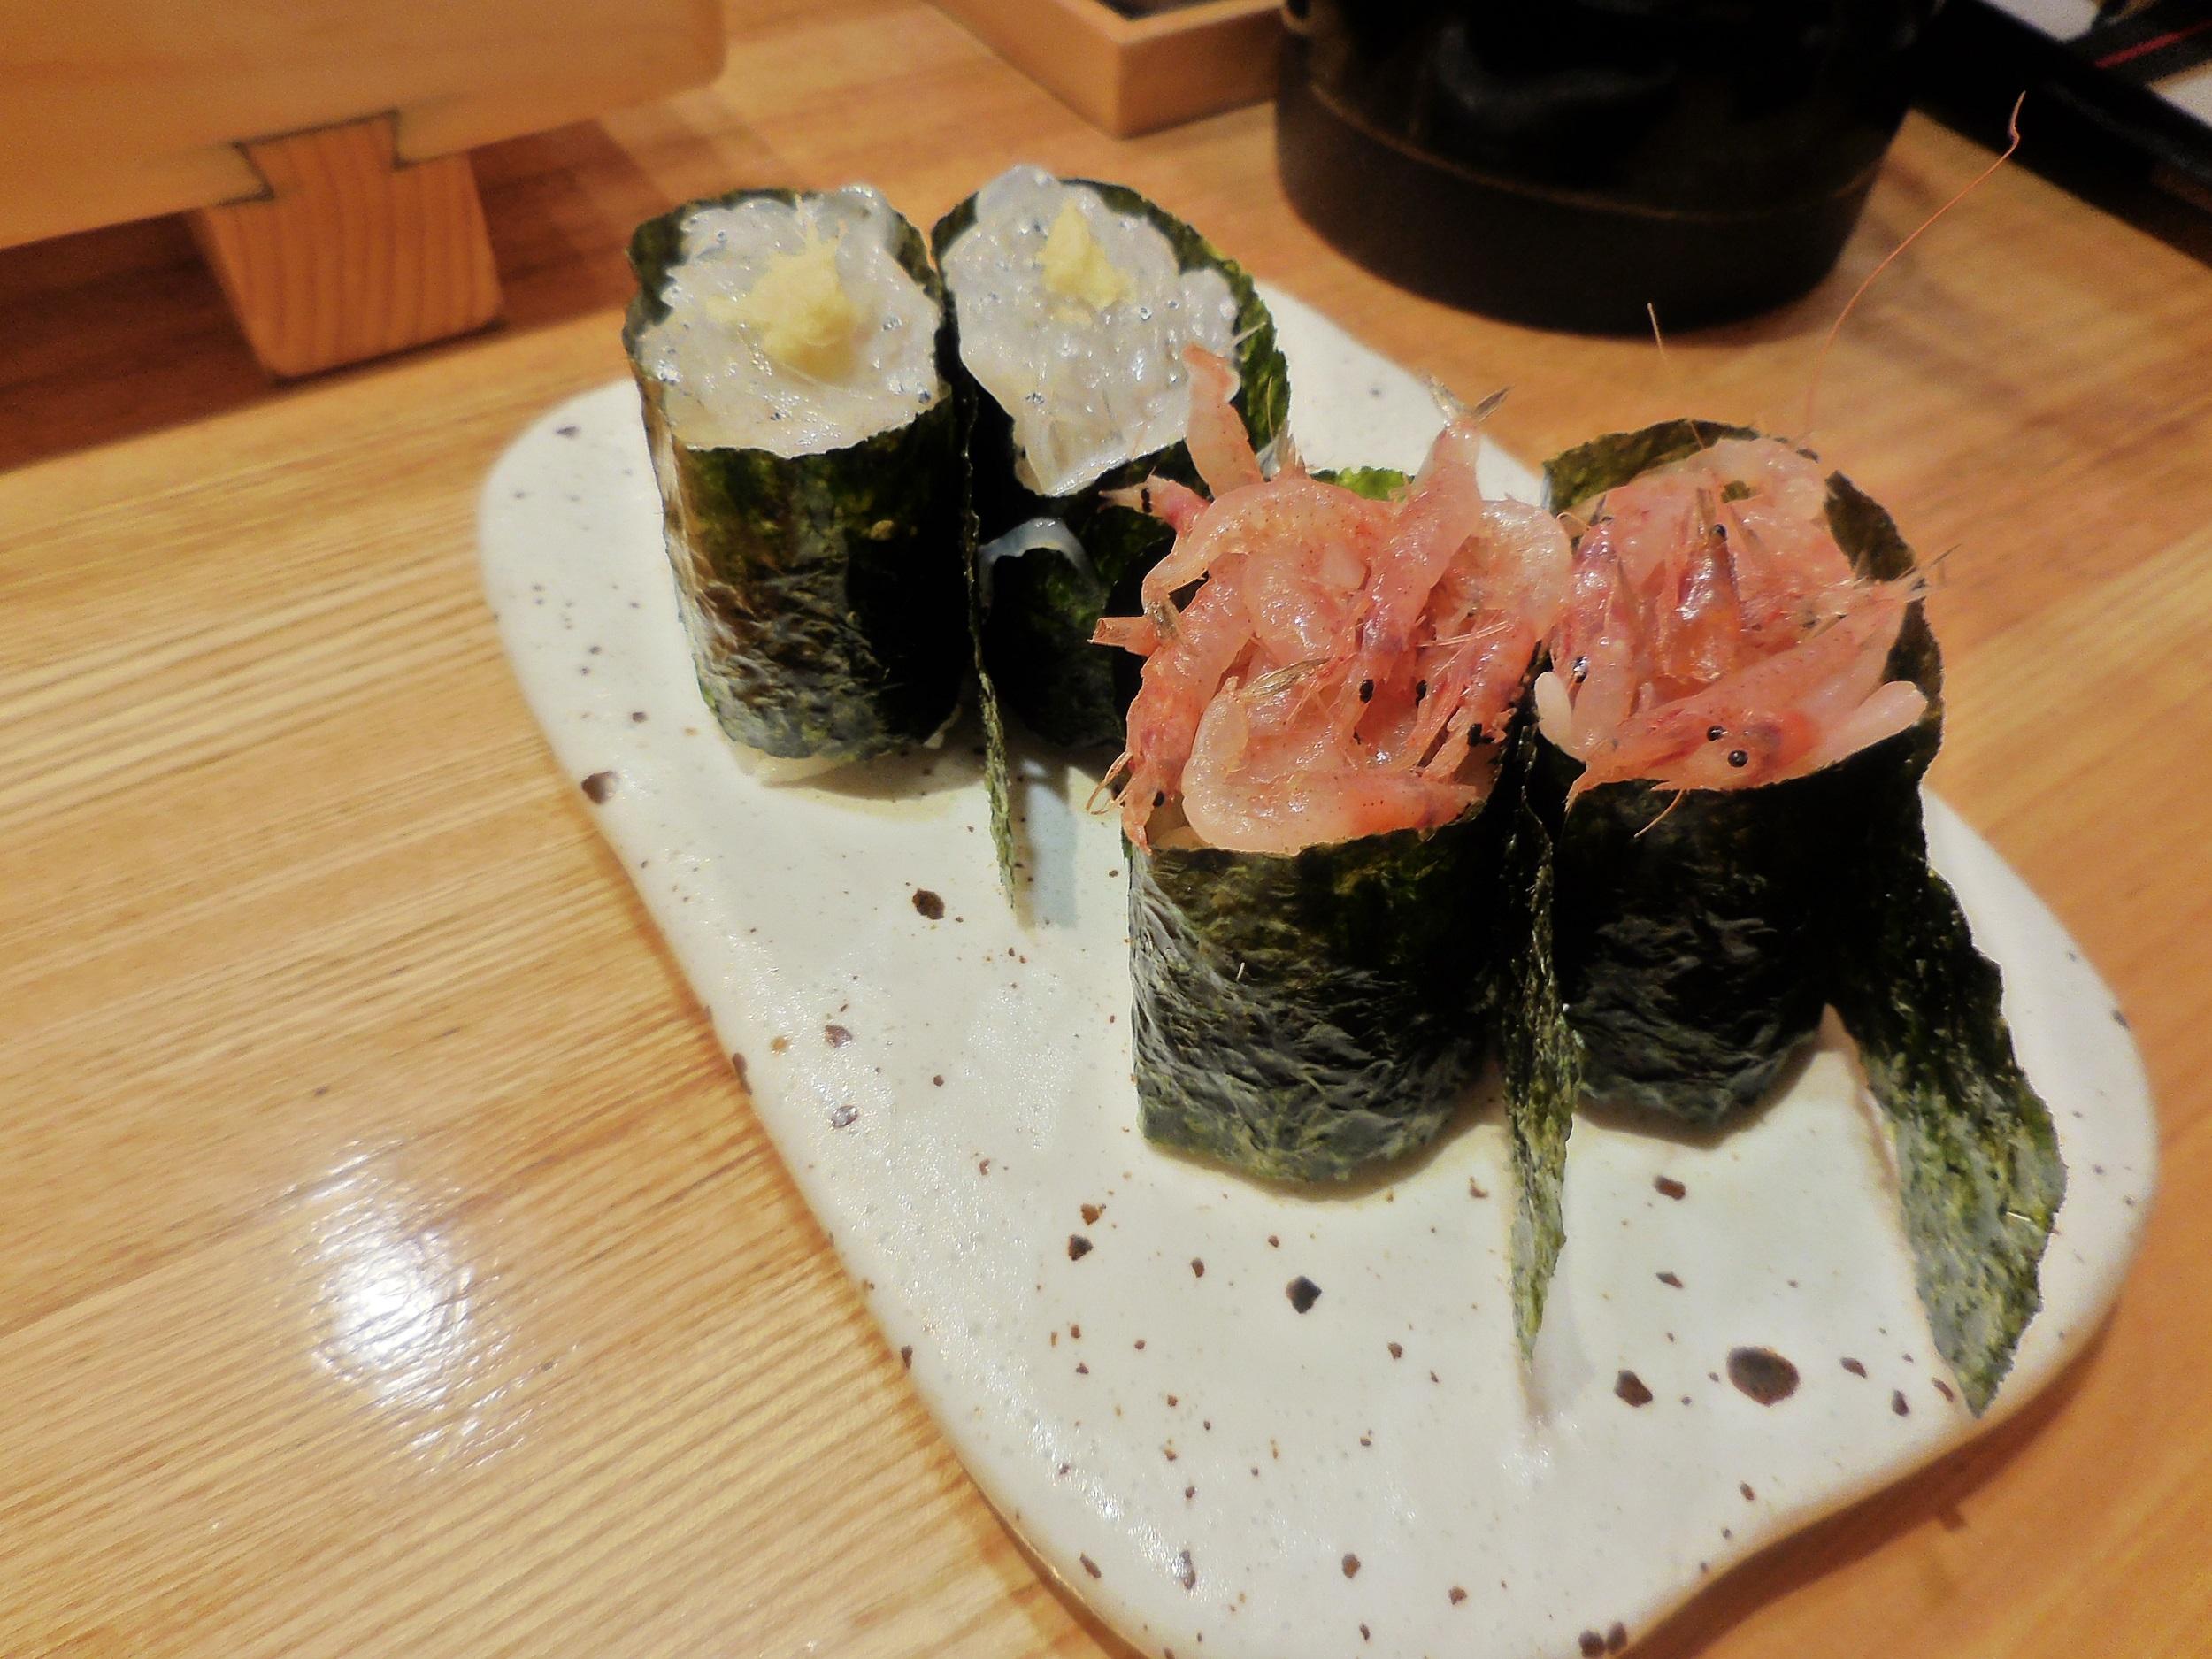 【築地玉寿司の食べ放題】時間無制限で高級寿司を楽しむ_4